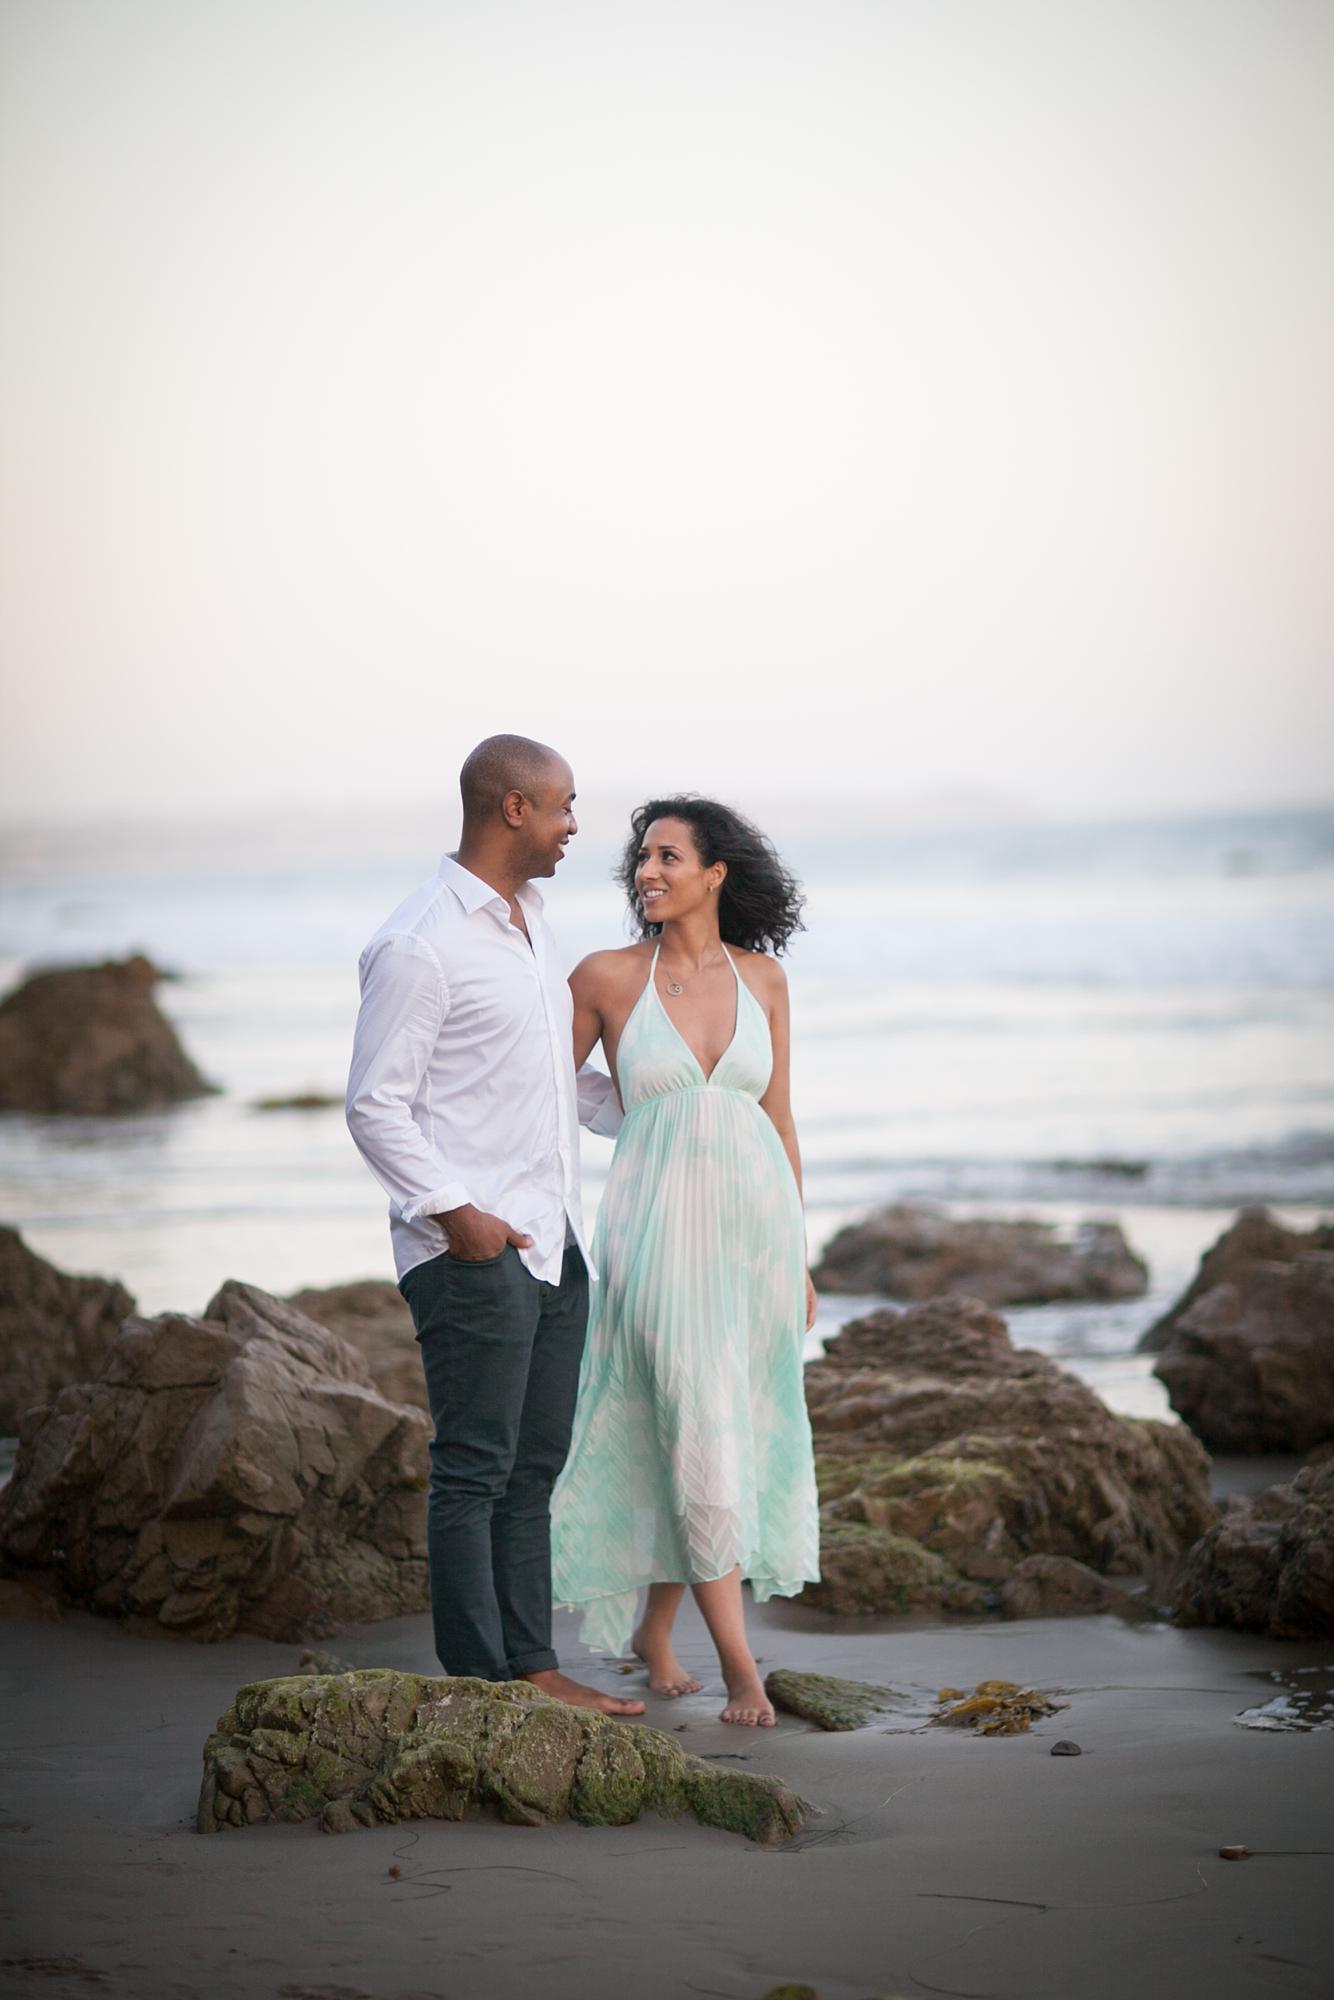 El Matador Engagement | Miki & Sonja Photography | mikiandsonja.com